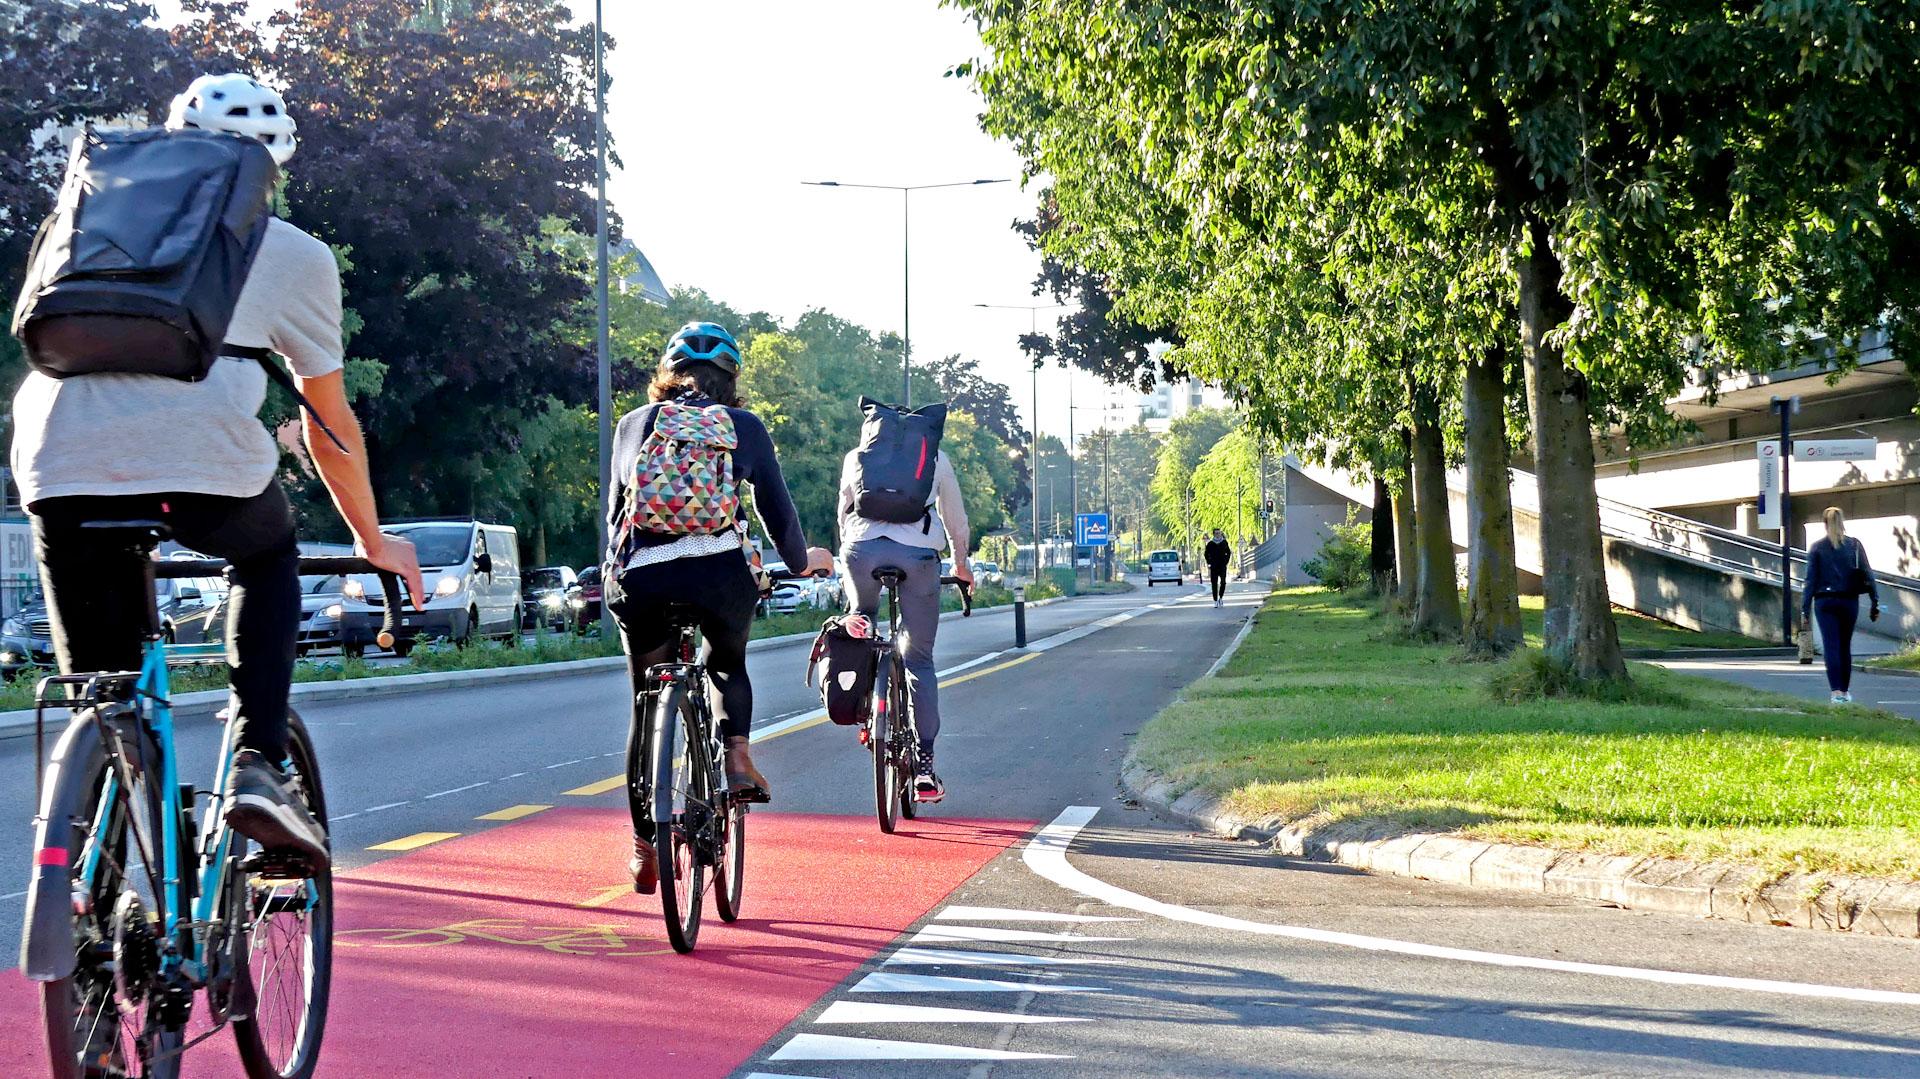 PRO VELO Région Lausanne s'engage pour plus de vélos, pour une mobilité efficace, bonne pour la santé et l'environnement,  pour une ville conviviale et inclusive.